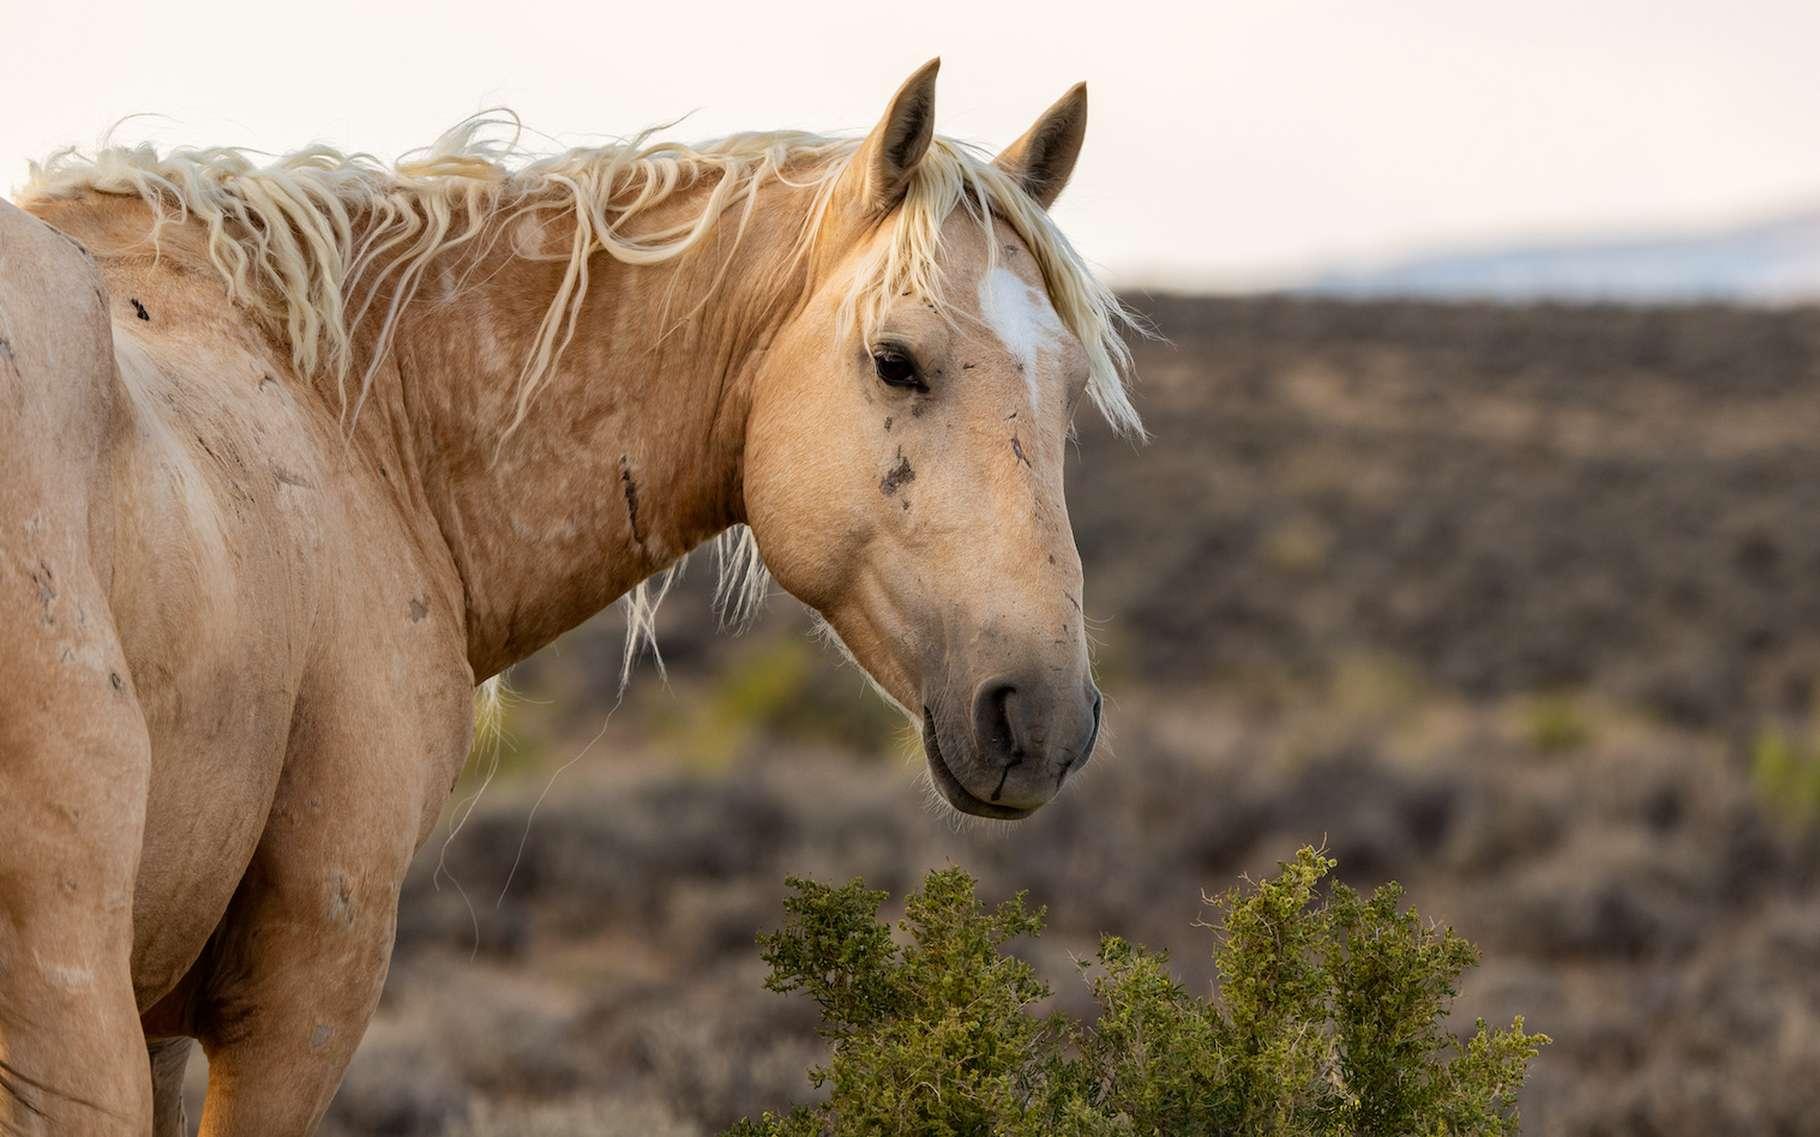 Des chercheurs de l'université technologique de Sydney (Australie) ont observé comment des puits creusés par des chevaux et des ânes sauvages peuvent servir de réserve d'eau à plusieurs dizaines d'autres espèces dans les régions désertiques. © Kerry Hargrove, Adobe Stock